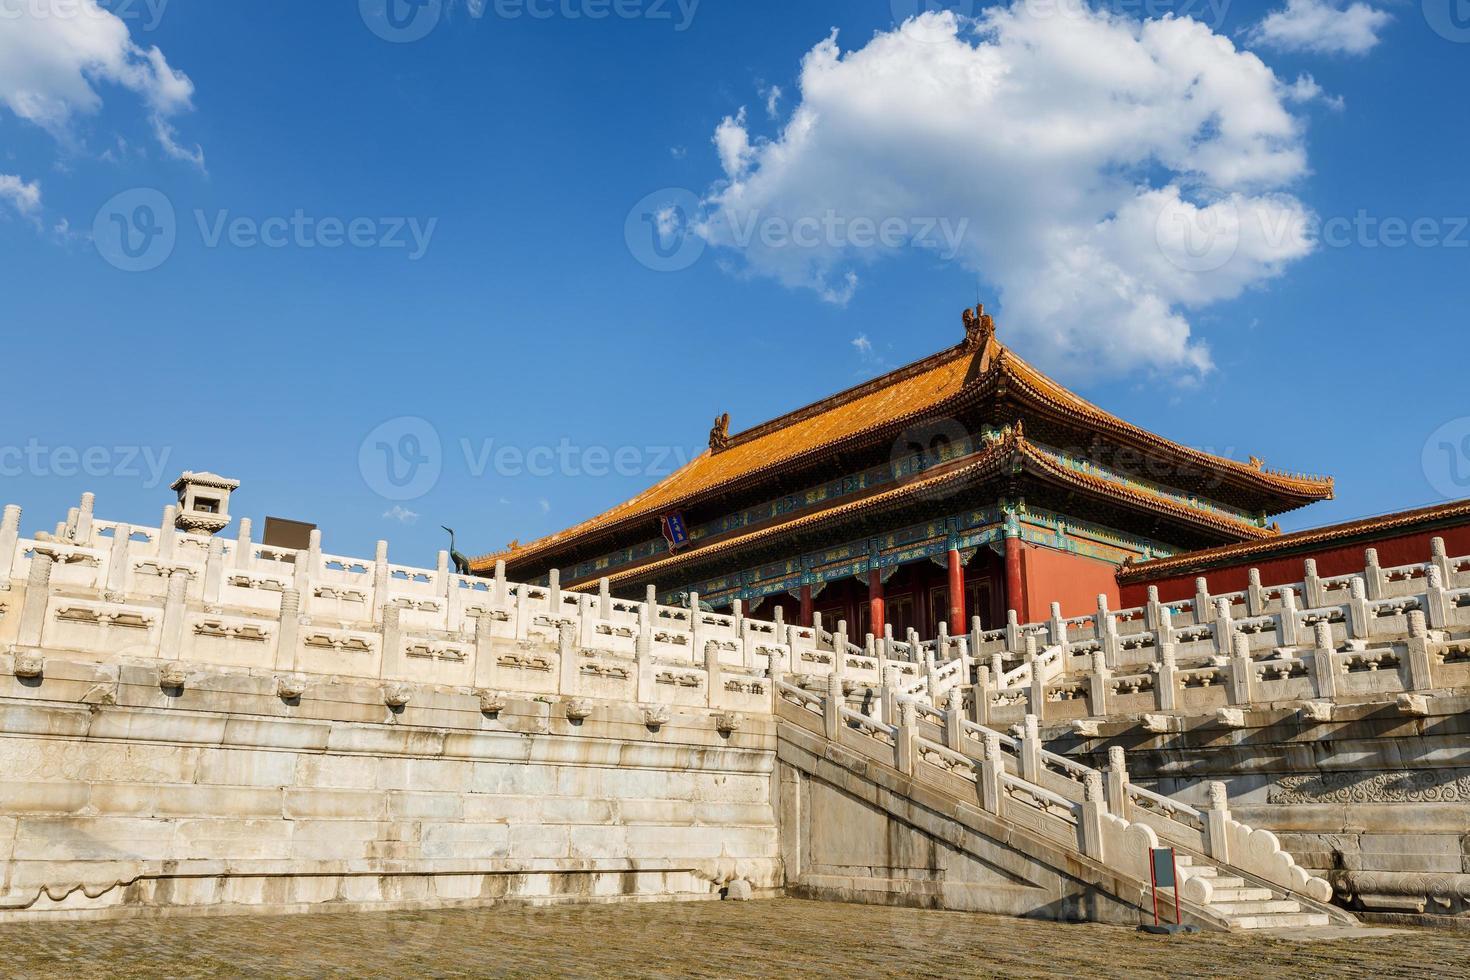 de förbjudna stadens kungliga palats i Peking, Kina foto